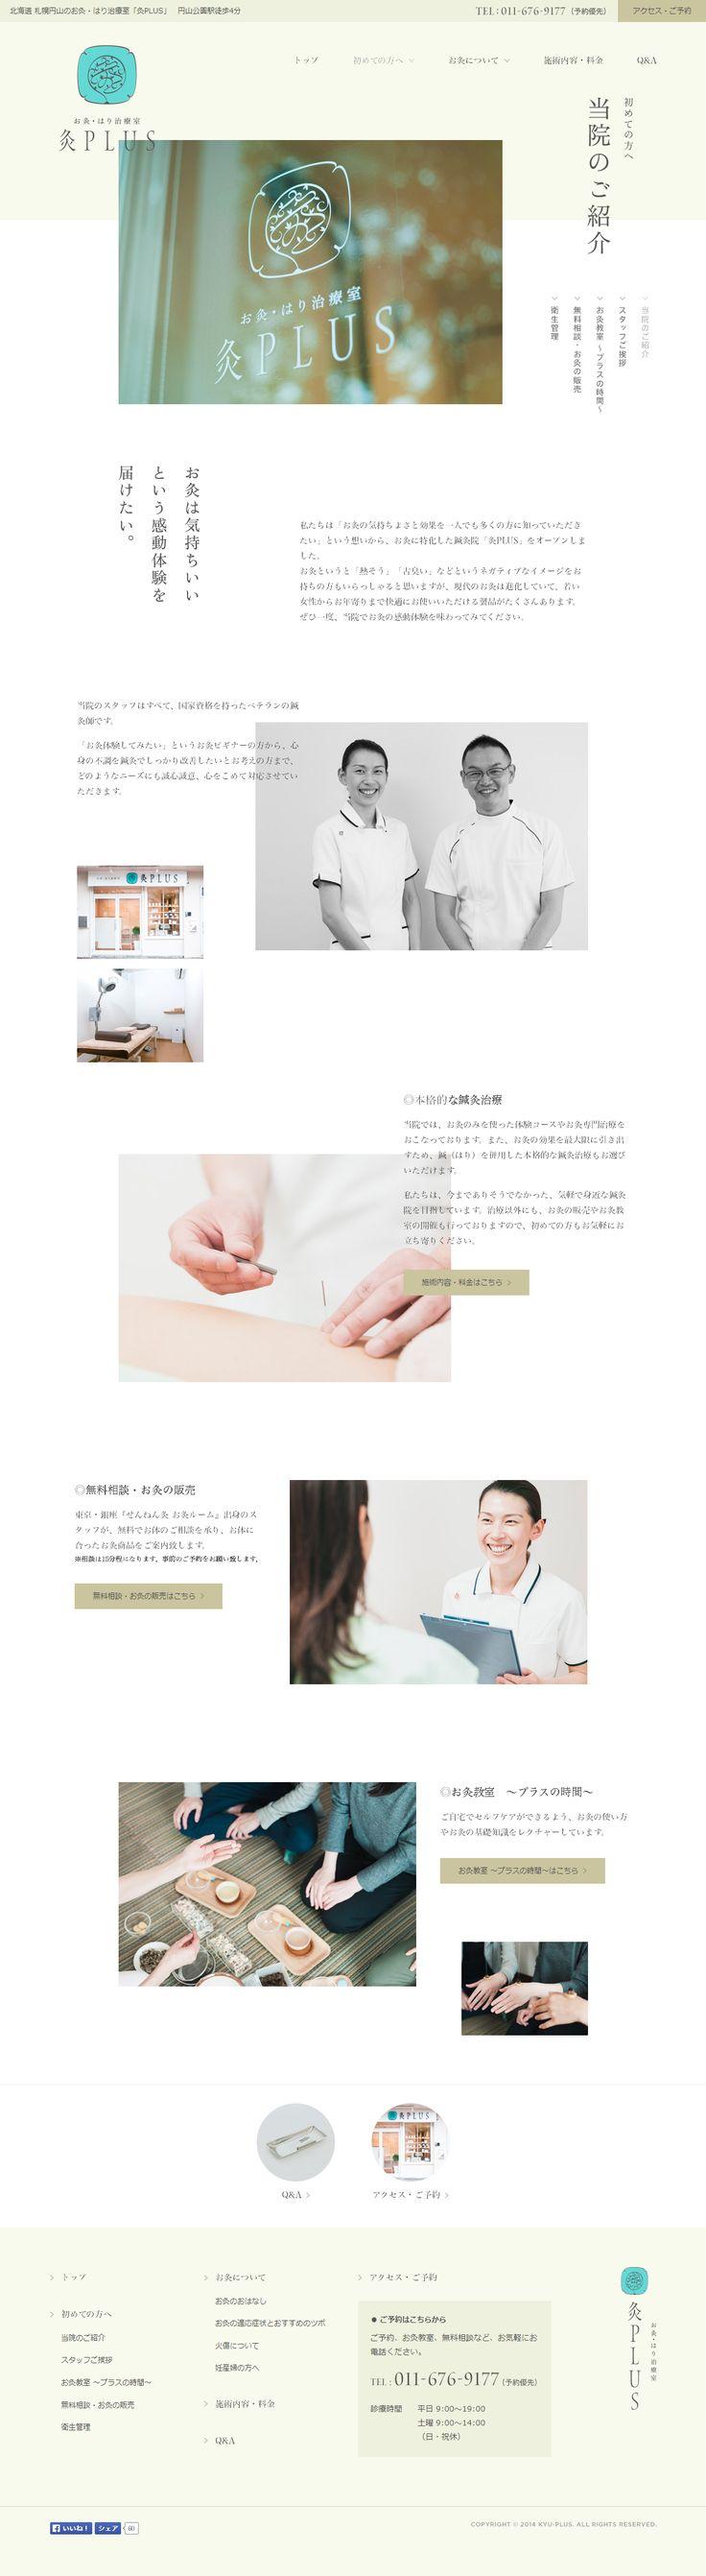 当院のご紹介|灸PLUS-北海道札幌円山のお灸・はり治療室.png (1155×4212)